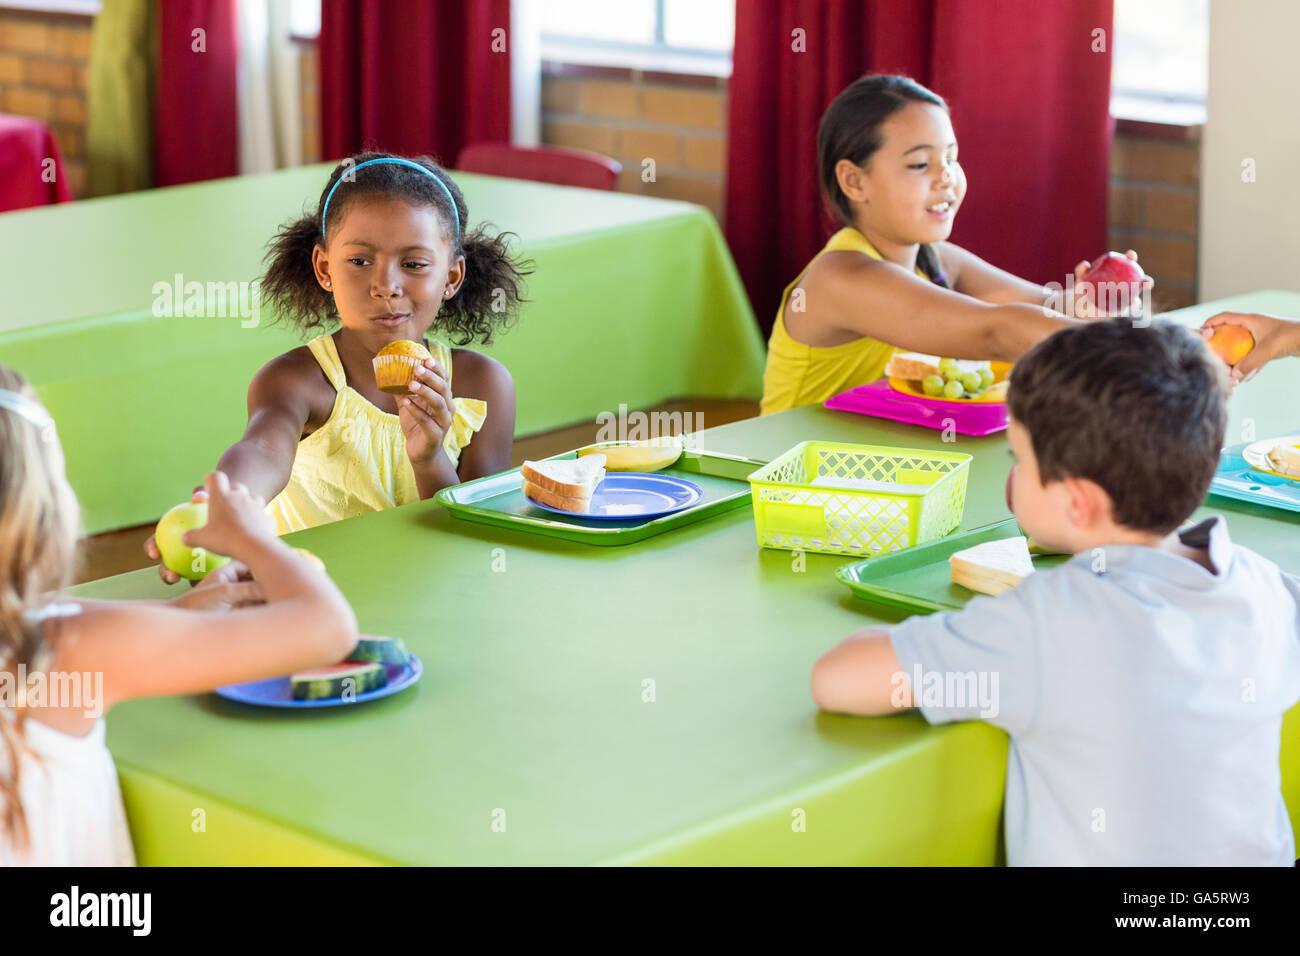 Schoolchildren having breakfast - Stock Image